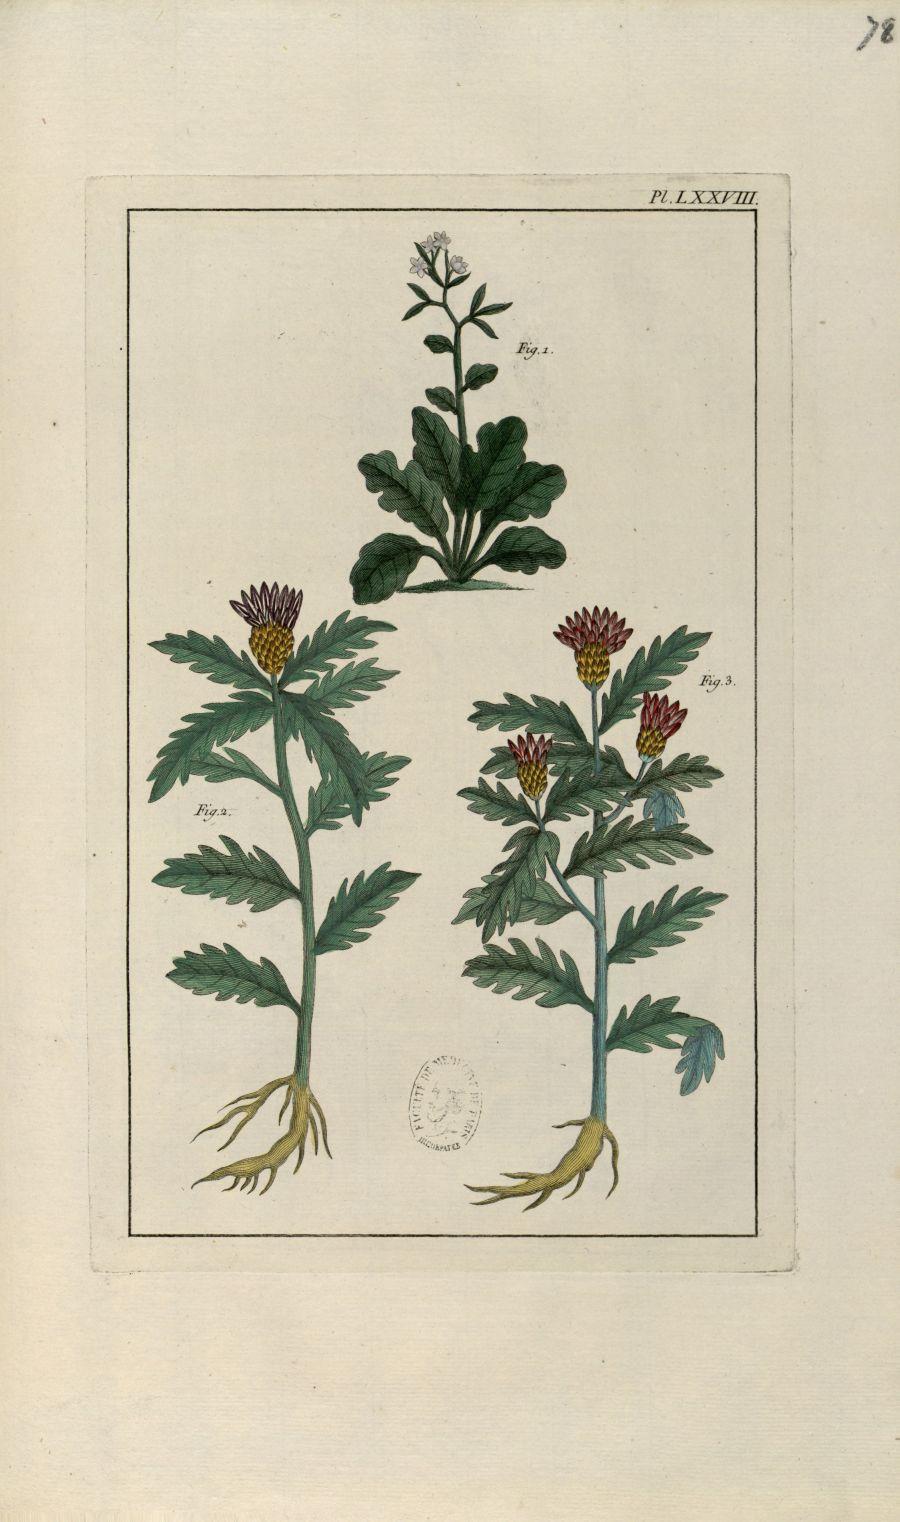 Planche LXXVIII - Herbier ou collection des plantes médicinales de la Chine d'après un manuscrit pei [...] - Botanique. Plantes (médecine). Chine. 18e siècle - med01989x0081